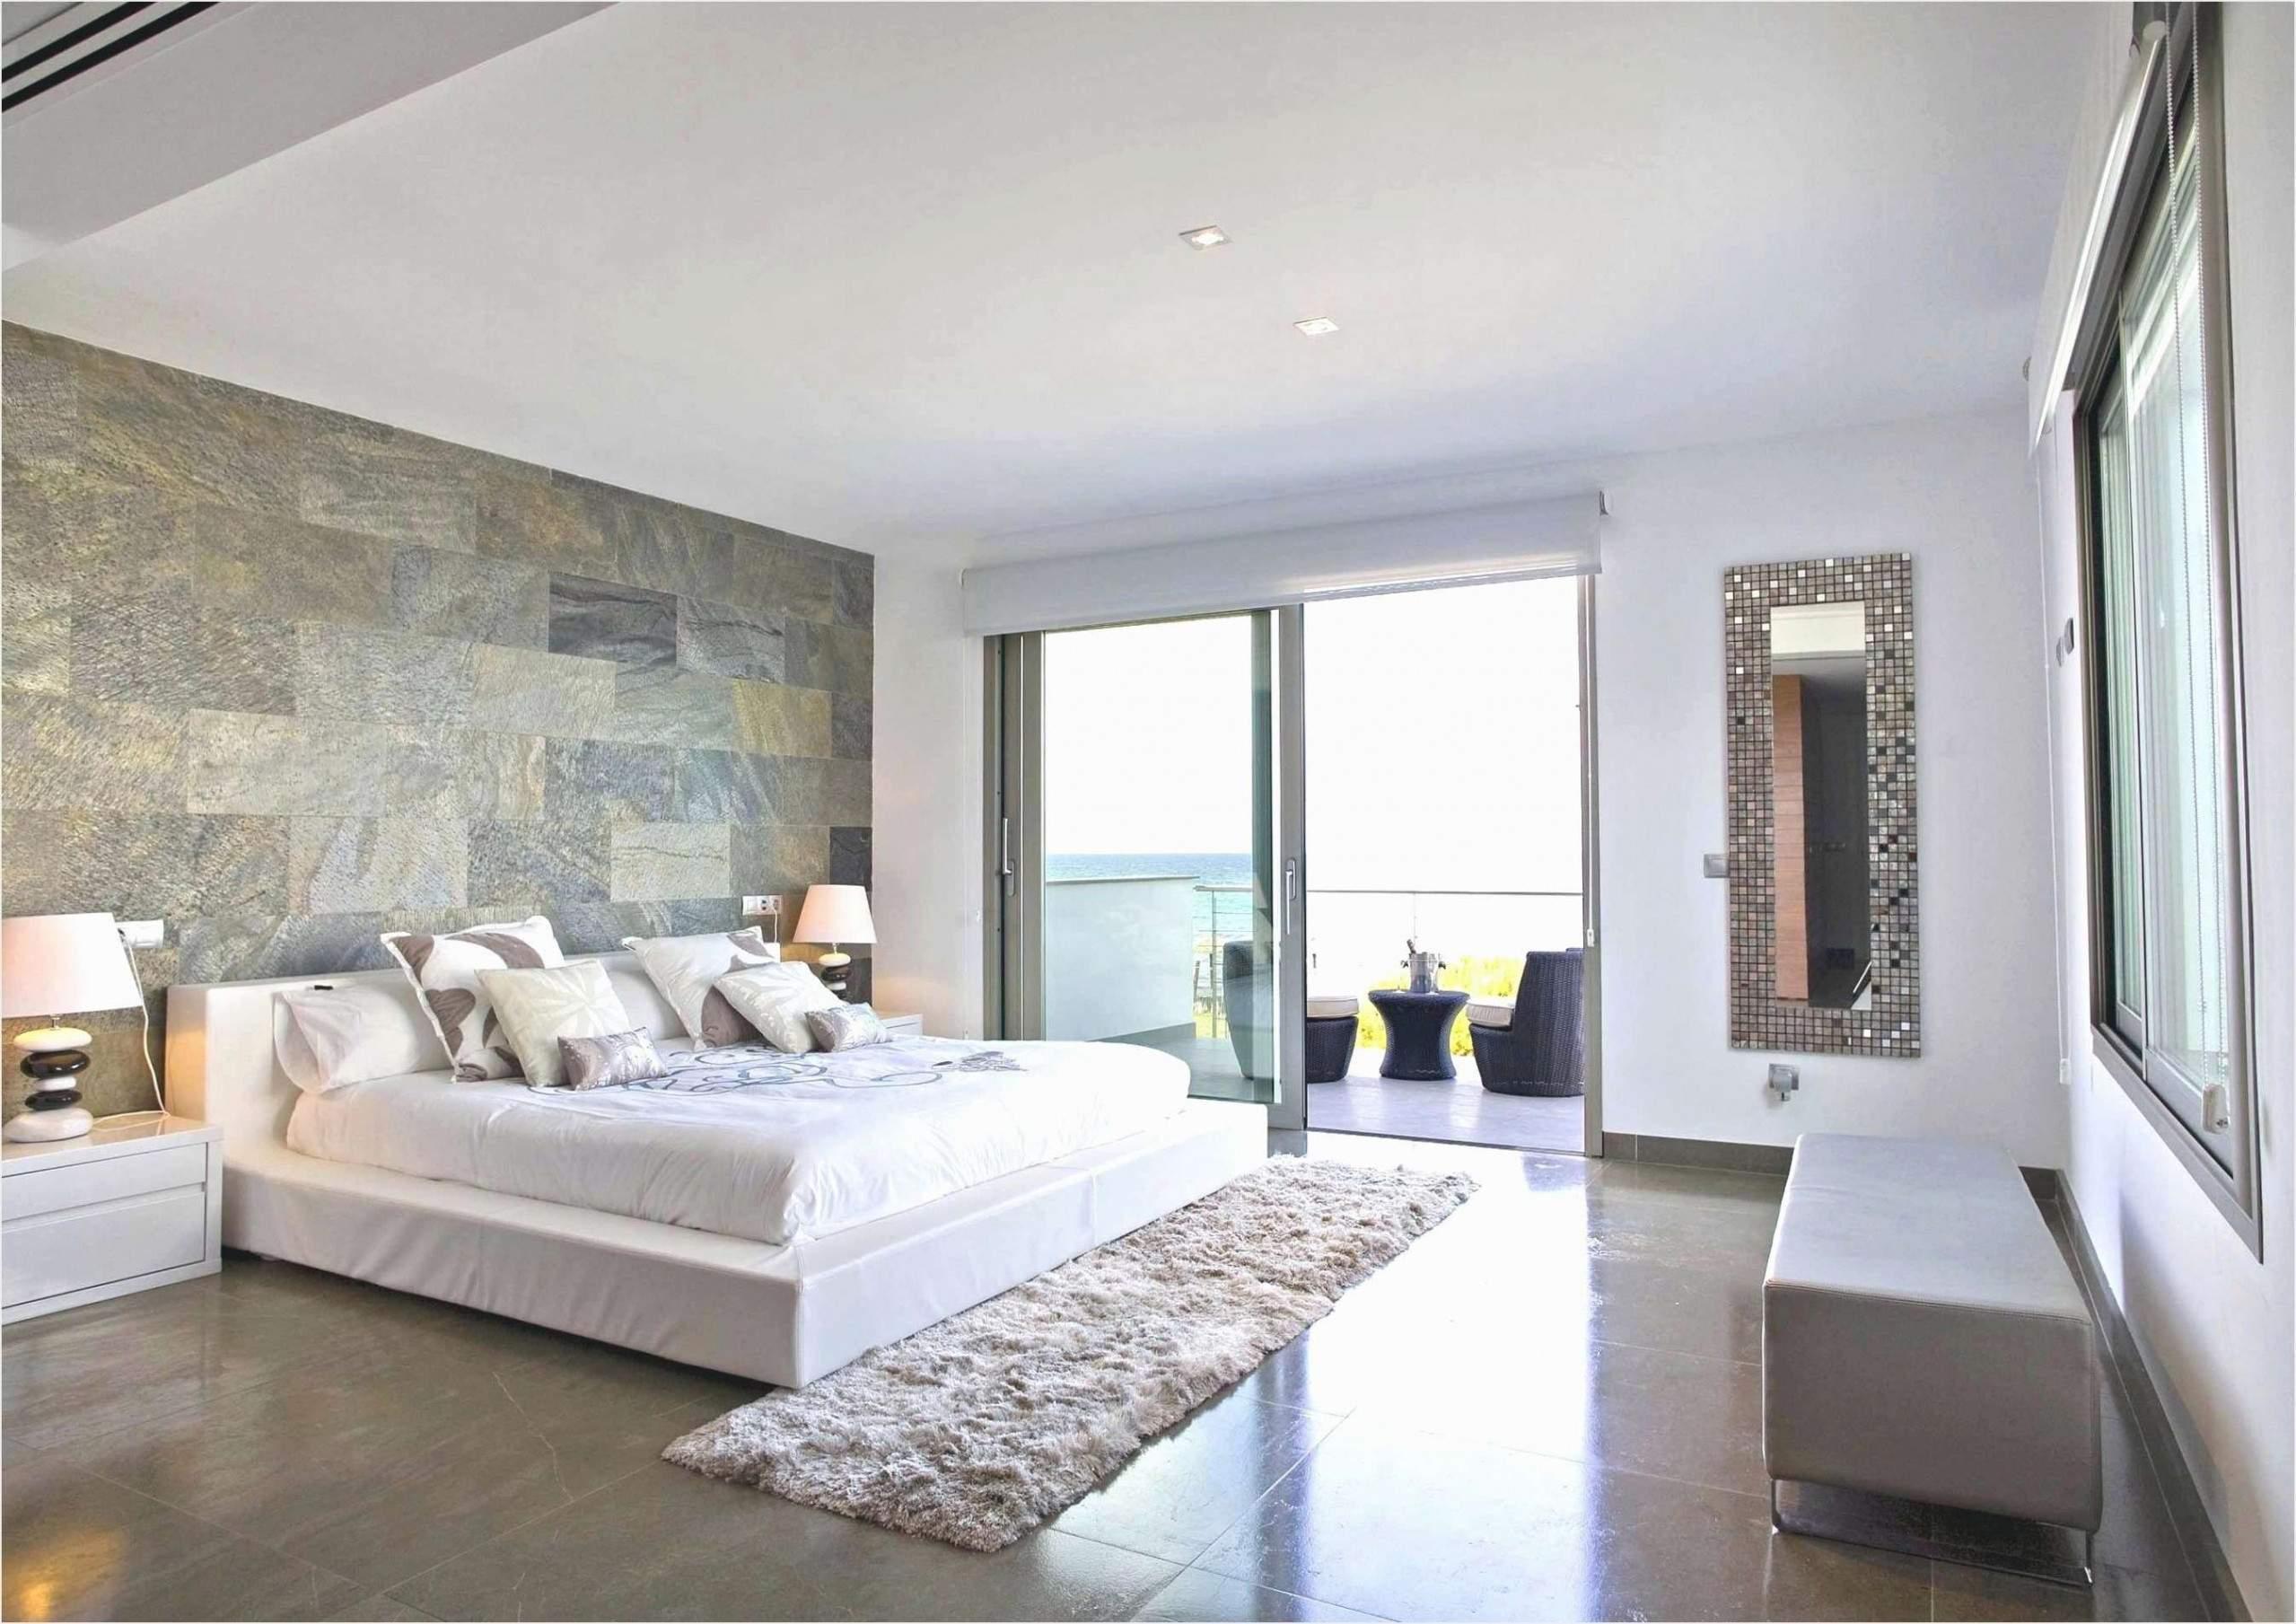 wohnzimmer dekoration reizend wohnzimmer deko modern kamin im wohnzimmer frisch kamin of wohnzimmer dekoration